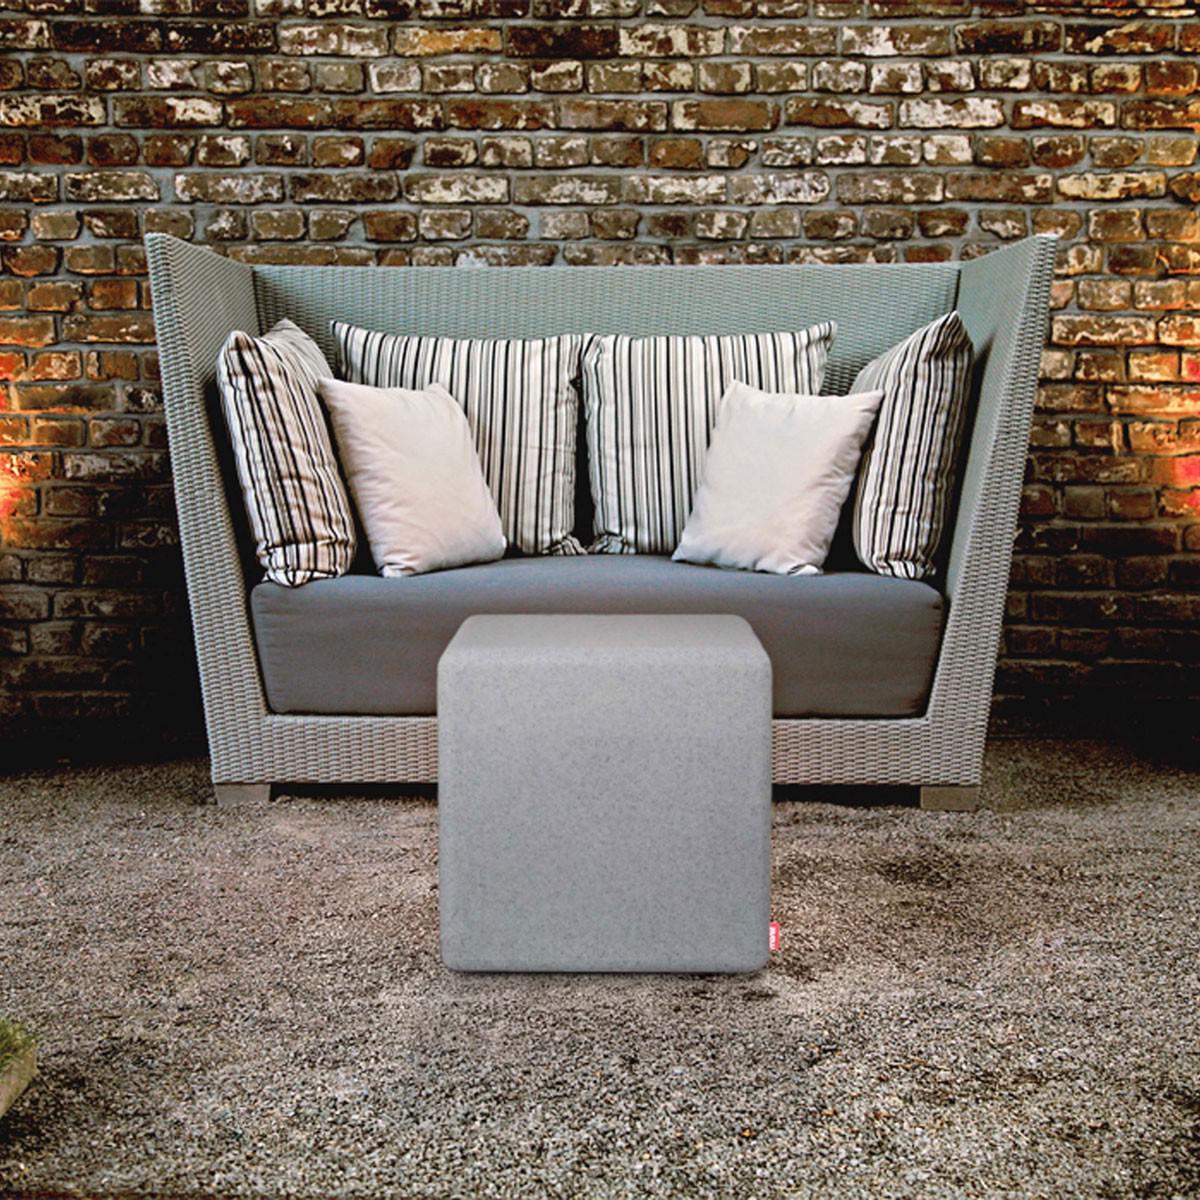 moree granite cube outdoor led sitzw rfel dekolampe aussen kaufen bei licht design. Black Bedroom Furniture Sets. Home Design Ideas